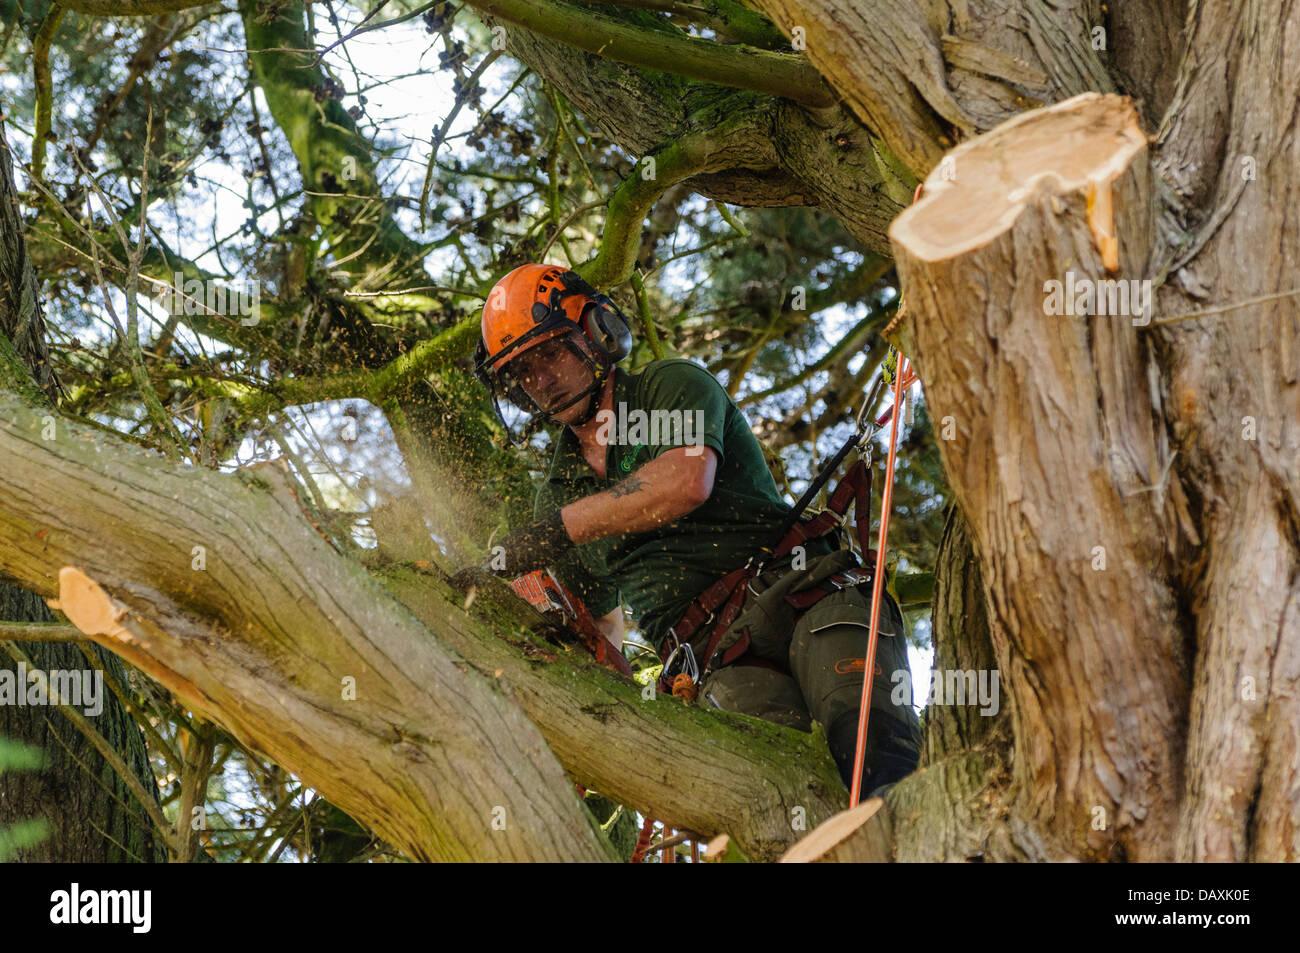 Kletterausrüstung Baumpflege : Ein baumpfleger verwendet eine kettensäge Äste von einem baum zu